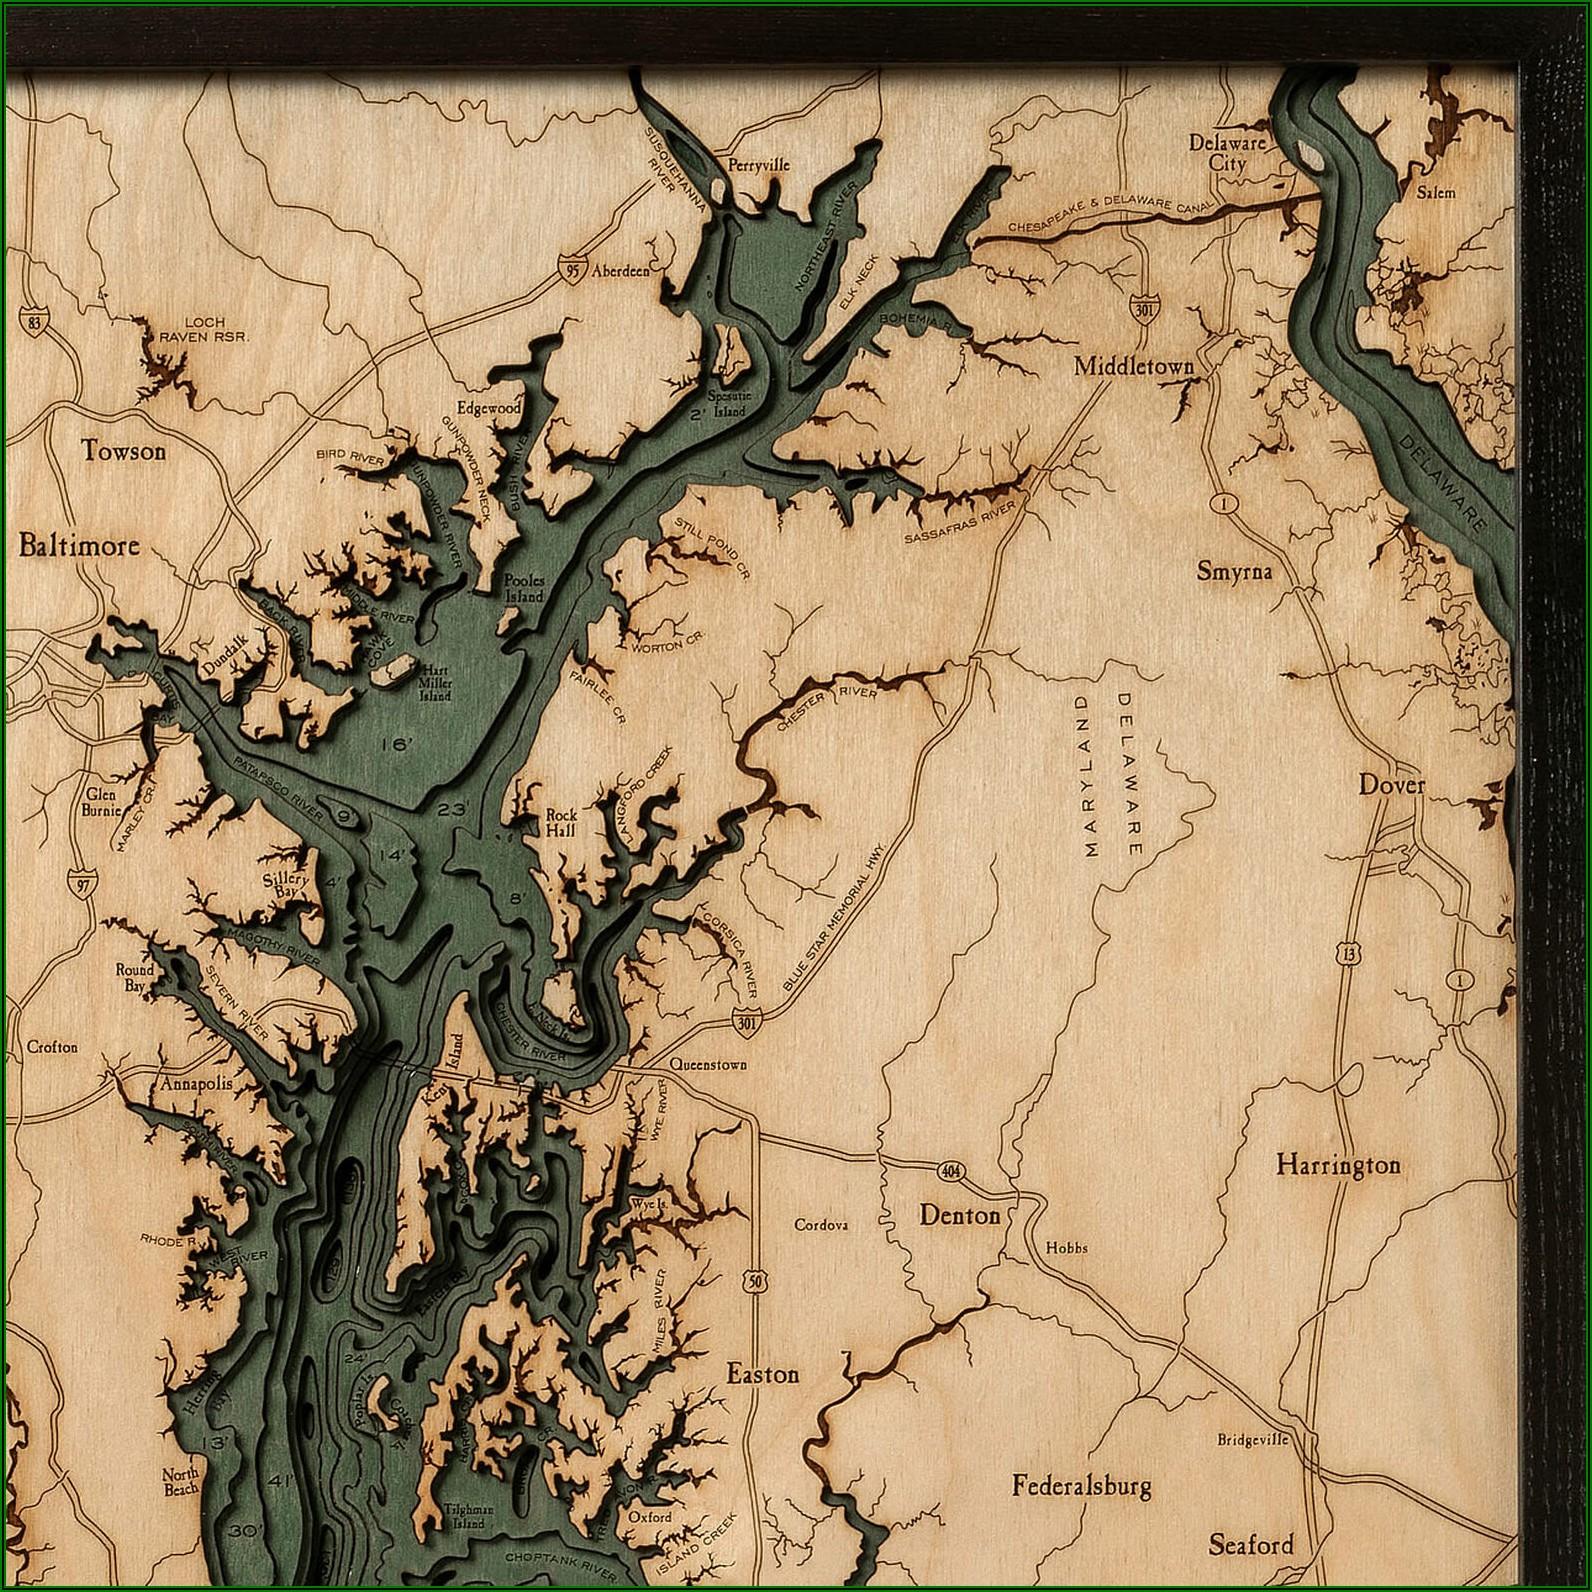 Chesapeake Bay Topographic Map